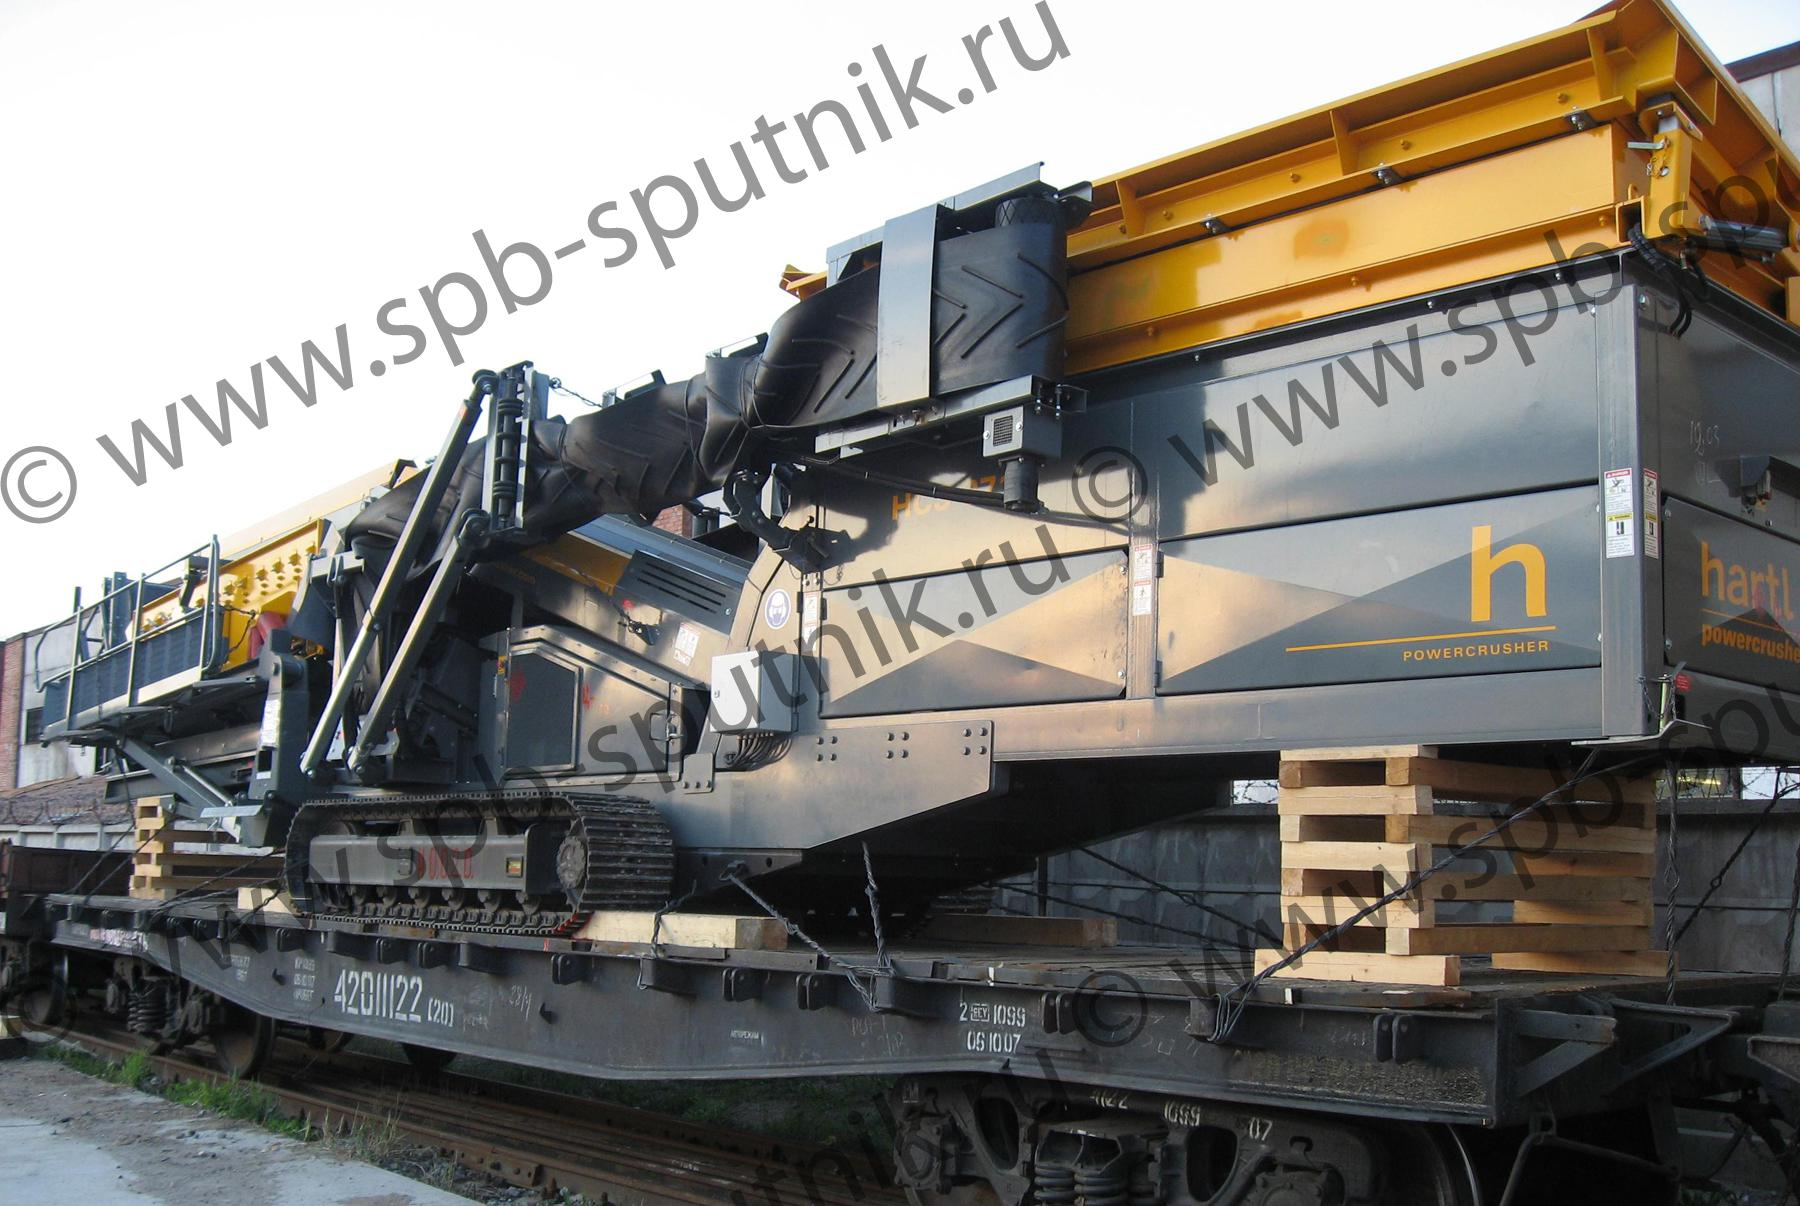 Конусная дробилка в Россошь дробильная установка в Рубцовск